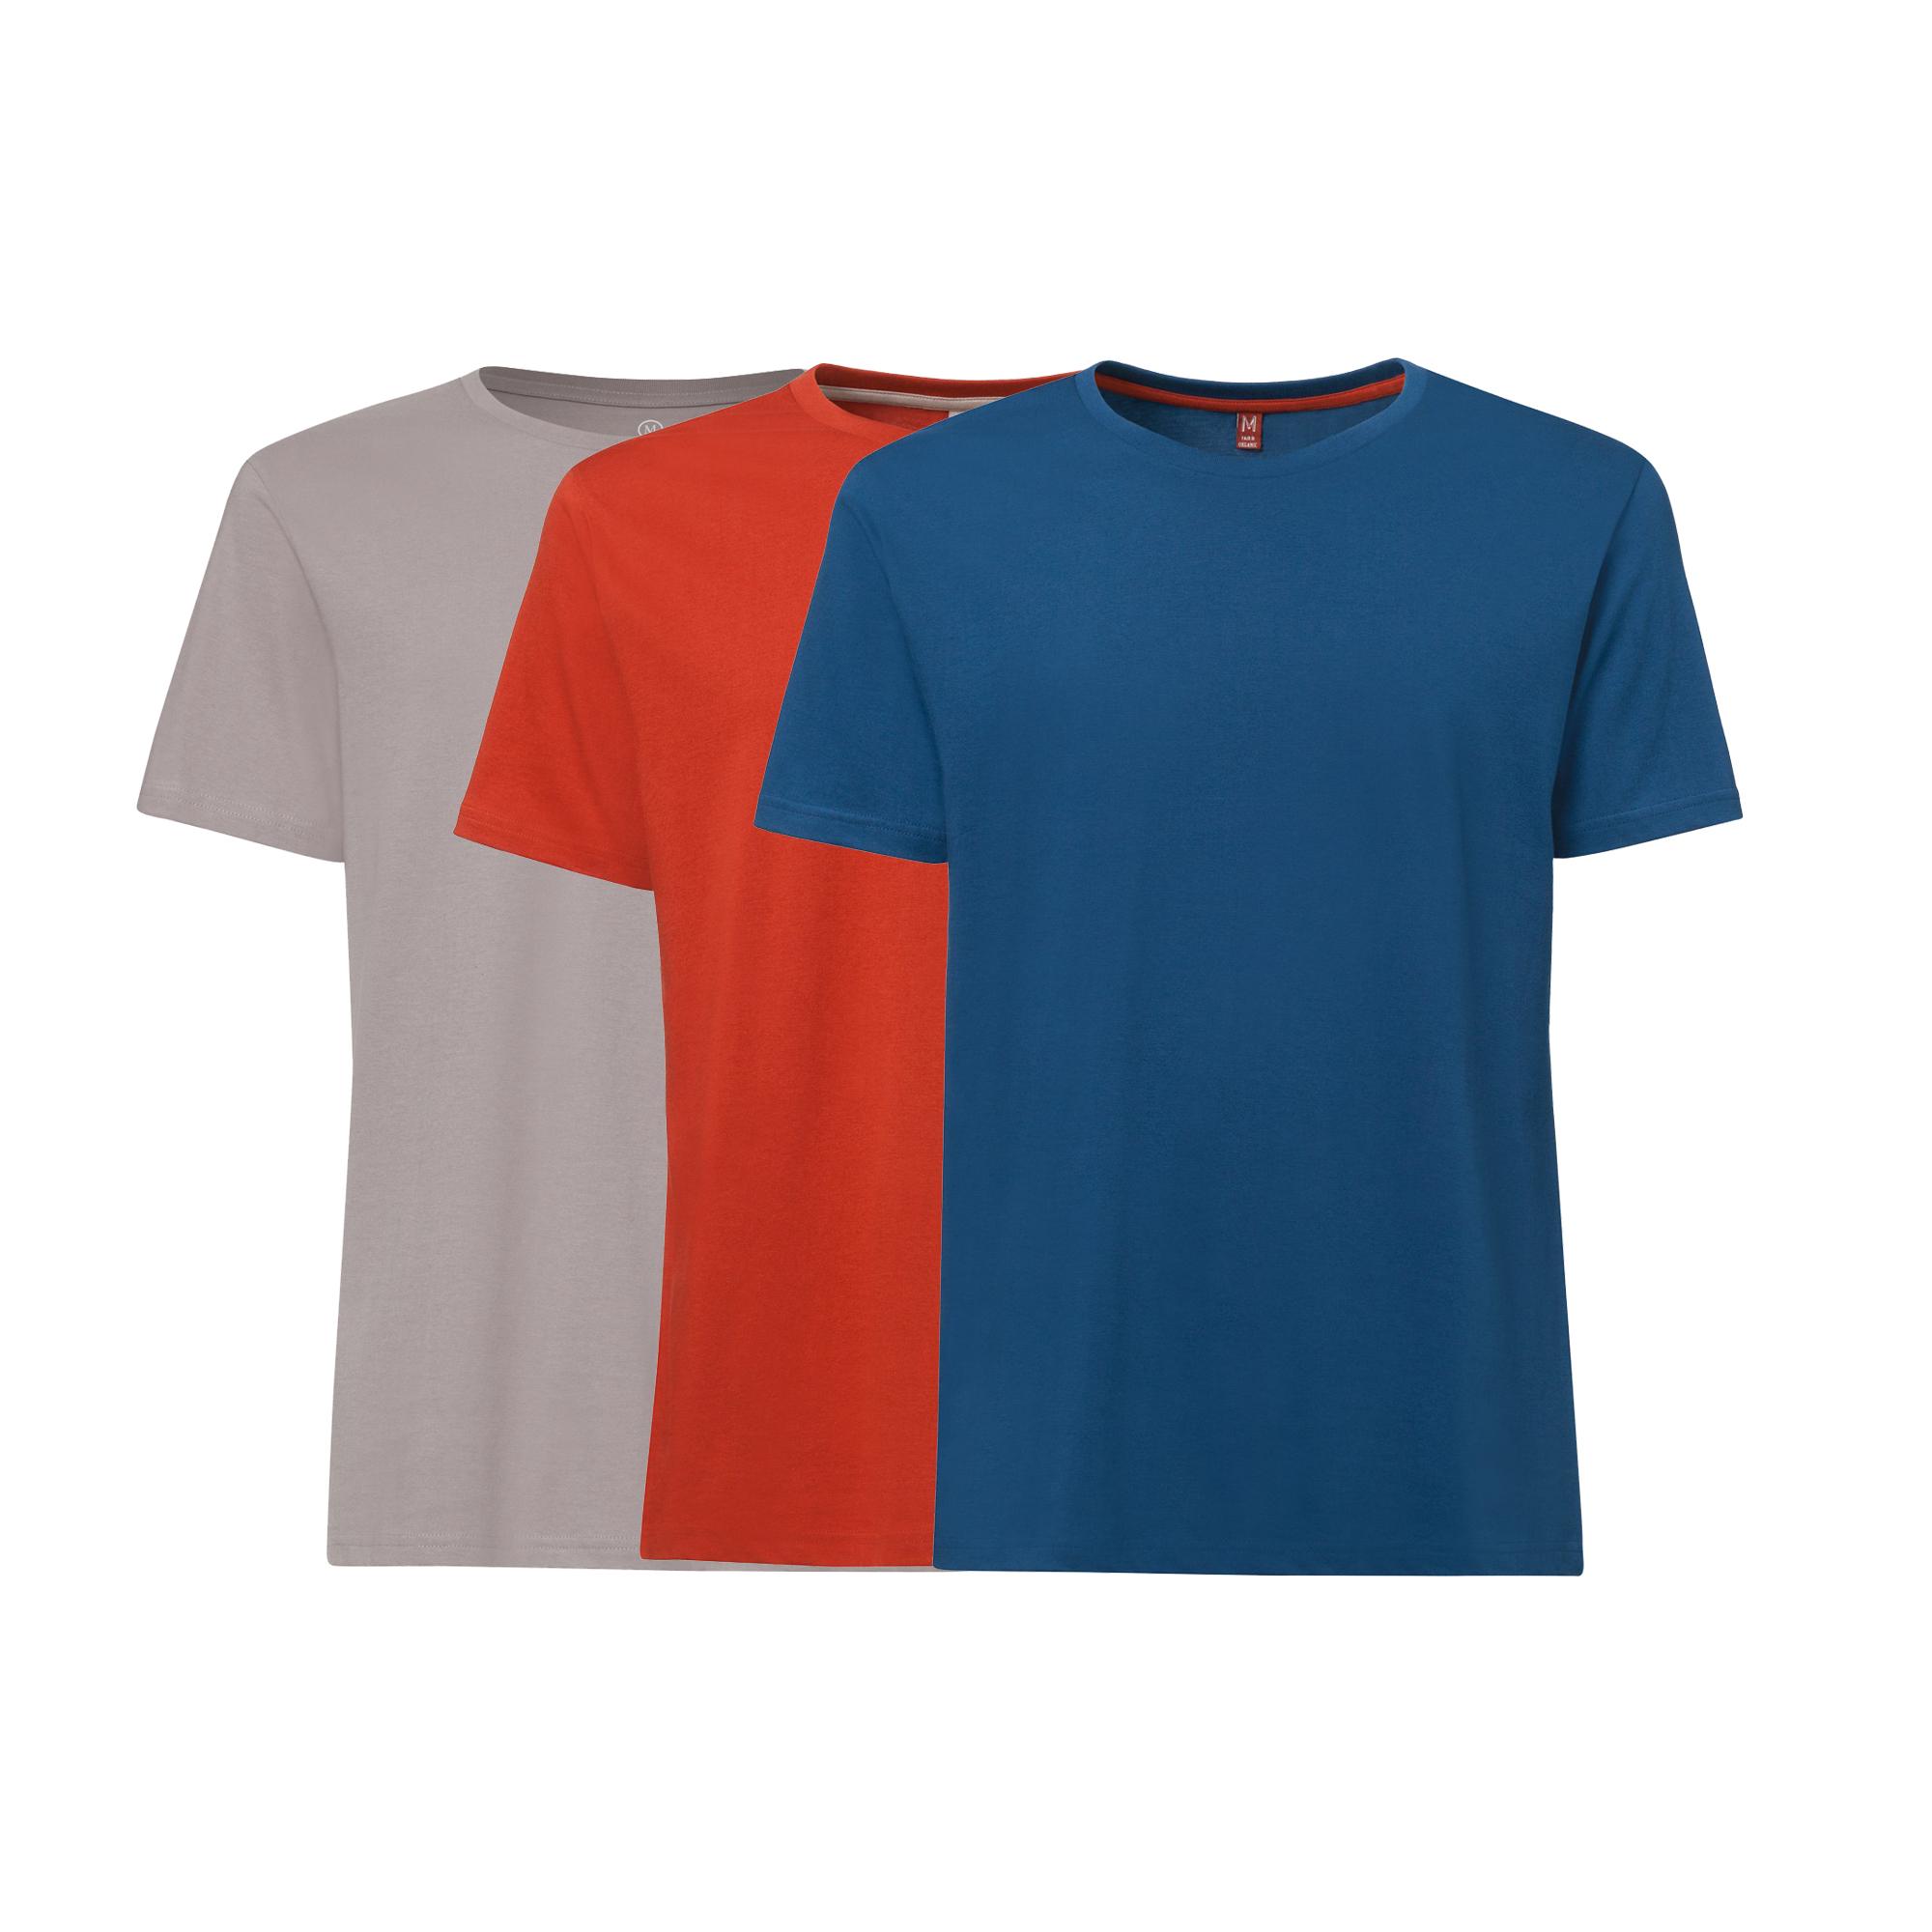 3er Pack TT02 T-Shirt Grey/Foxy/Peacock GOTS & Fairtrade